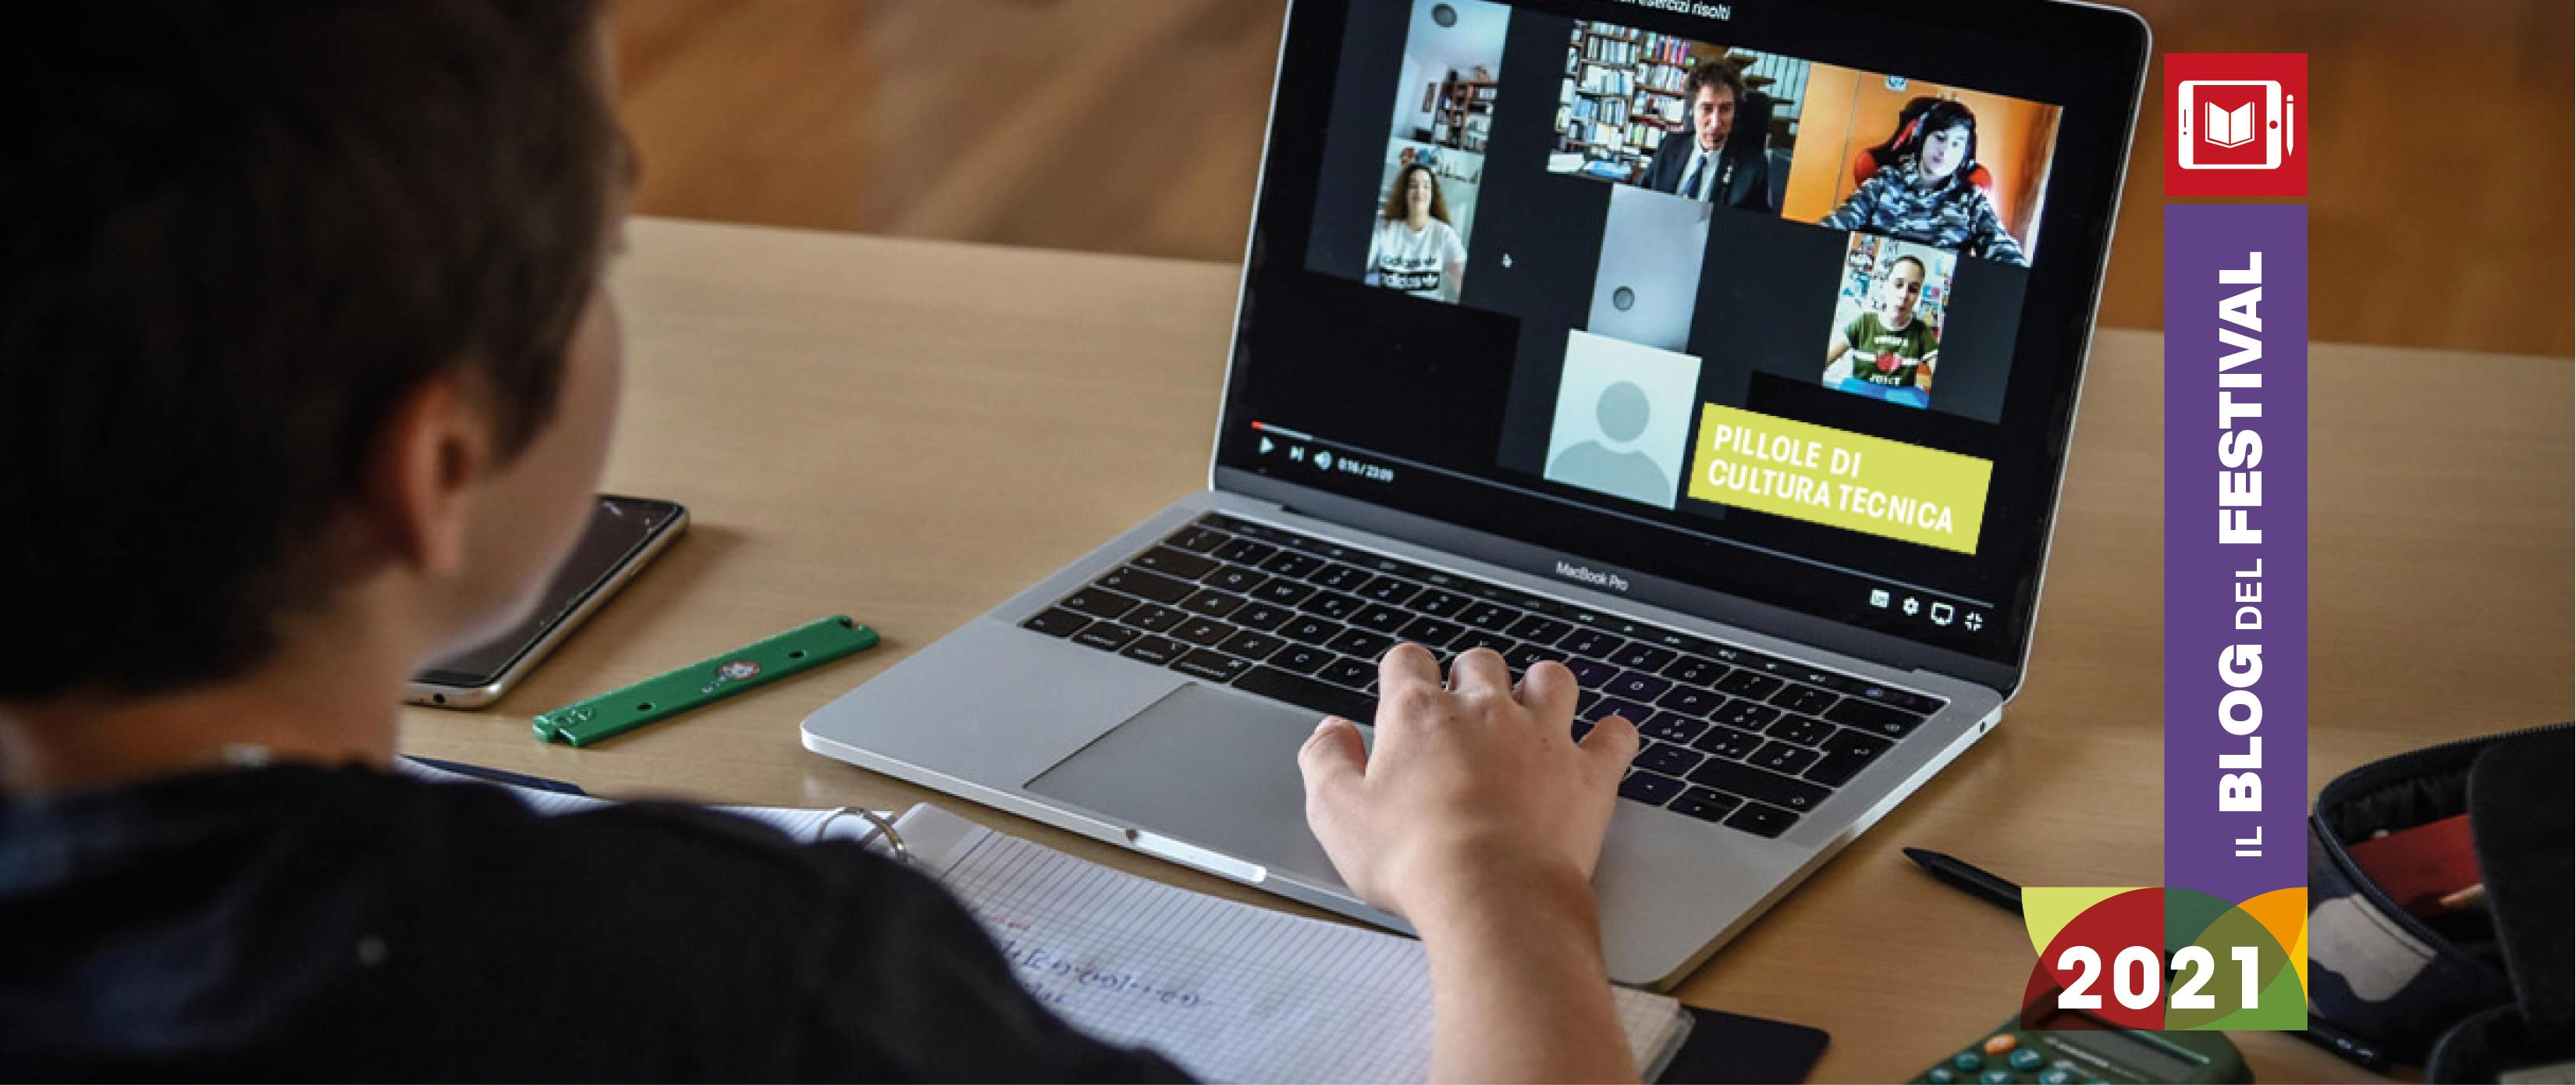 """Fiera delle idee online 2021: aperte le iscrizioni per proporre """"Pillole di Cultura tecnica"""""""